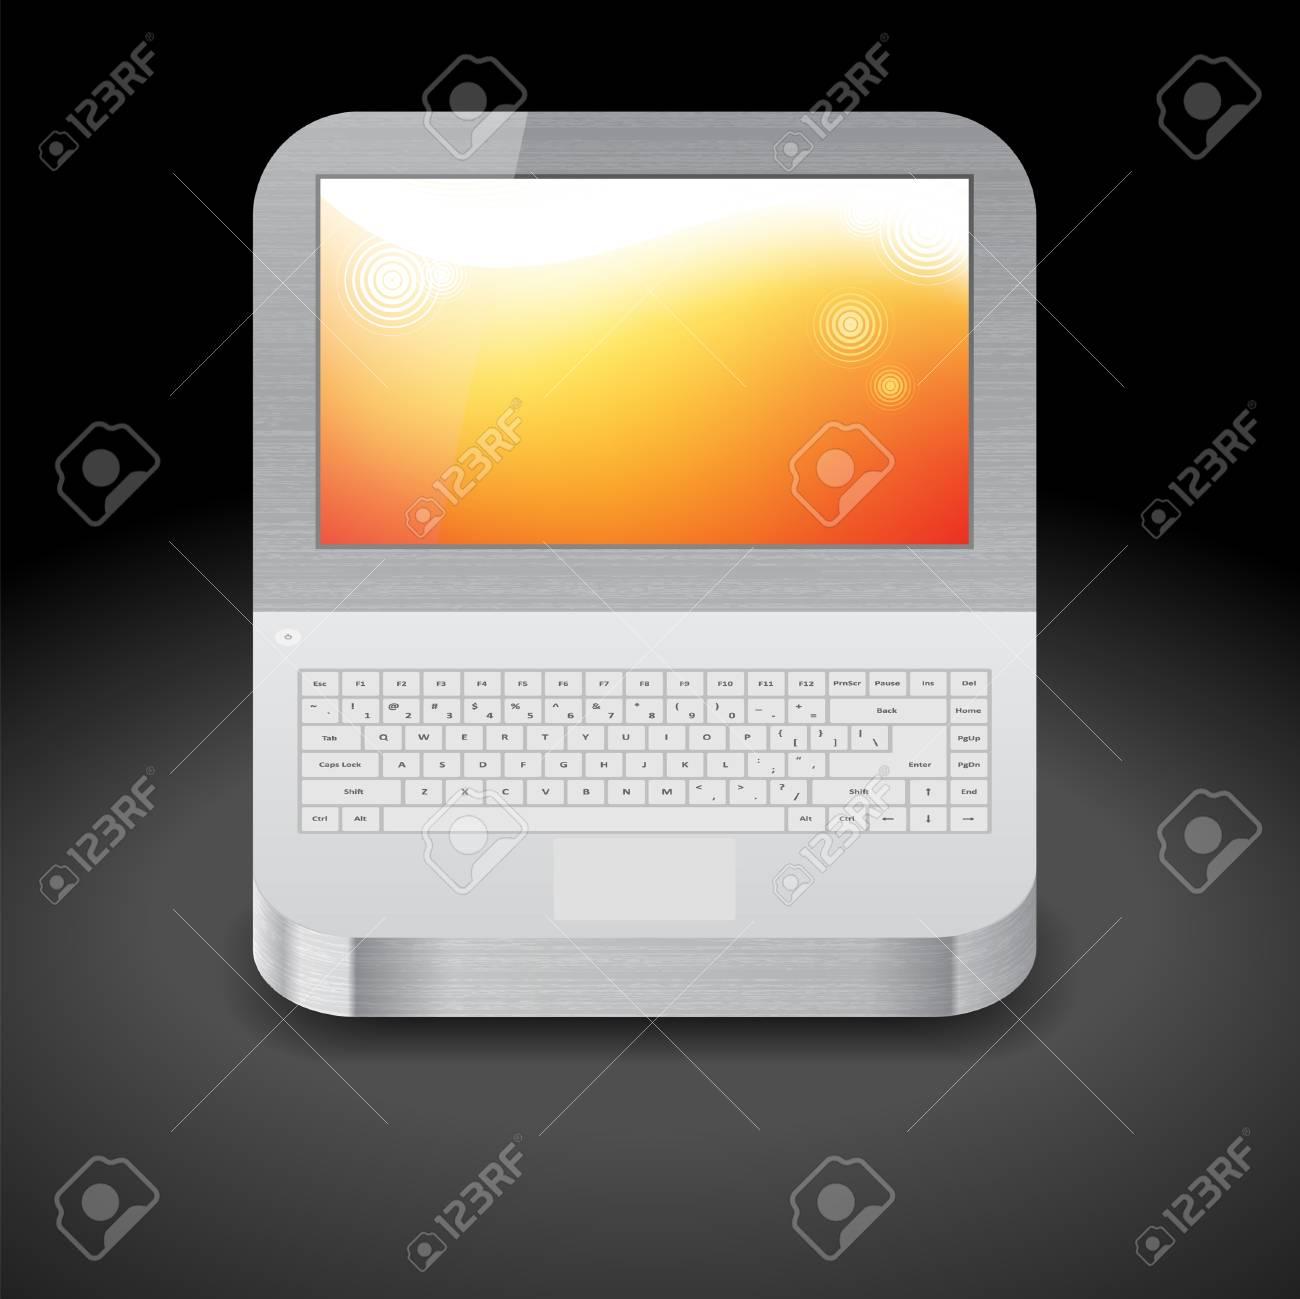 ディスプレイ上のオレンジ色の壁紙のラップトップのためのアイコン のイラスト素材 ベクタ Image